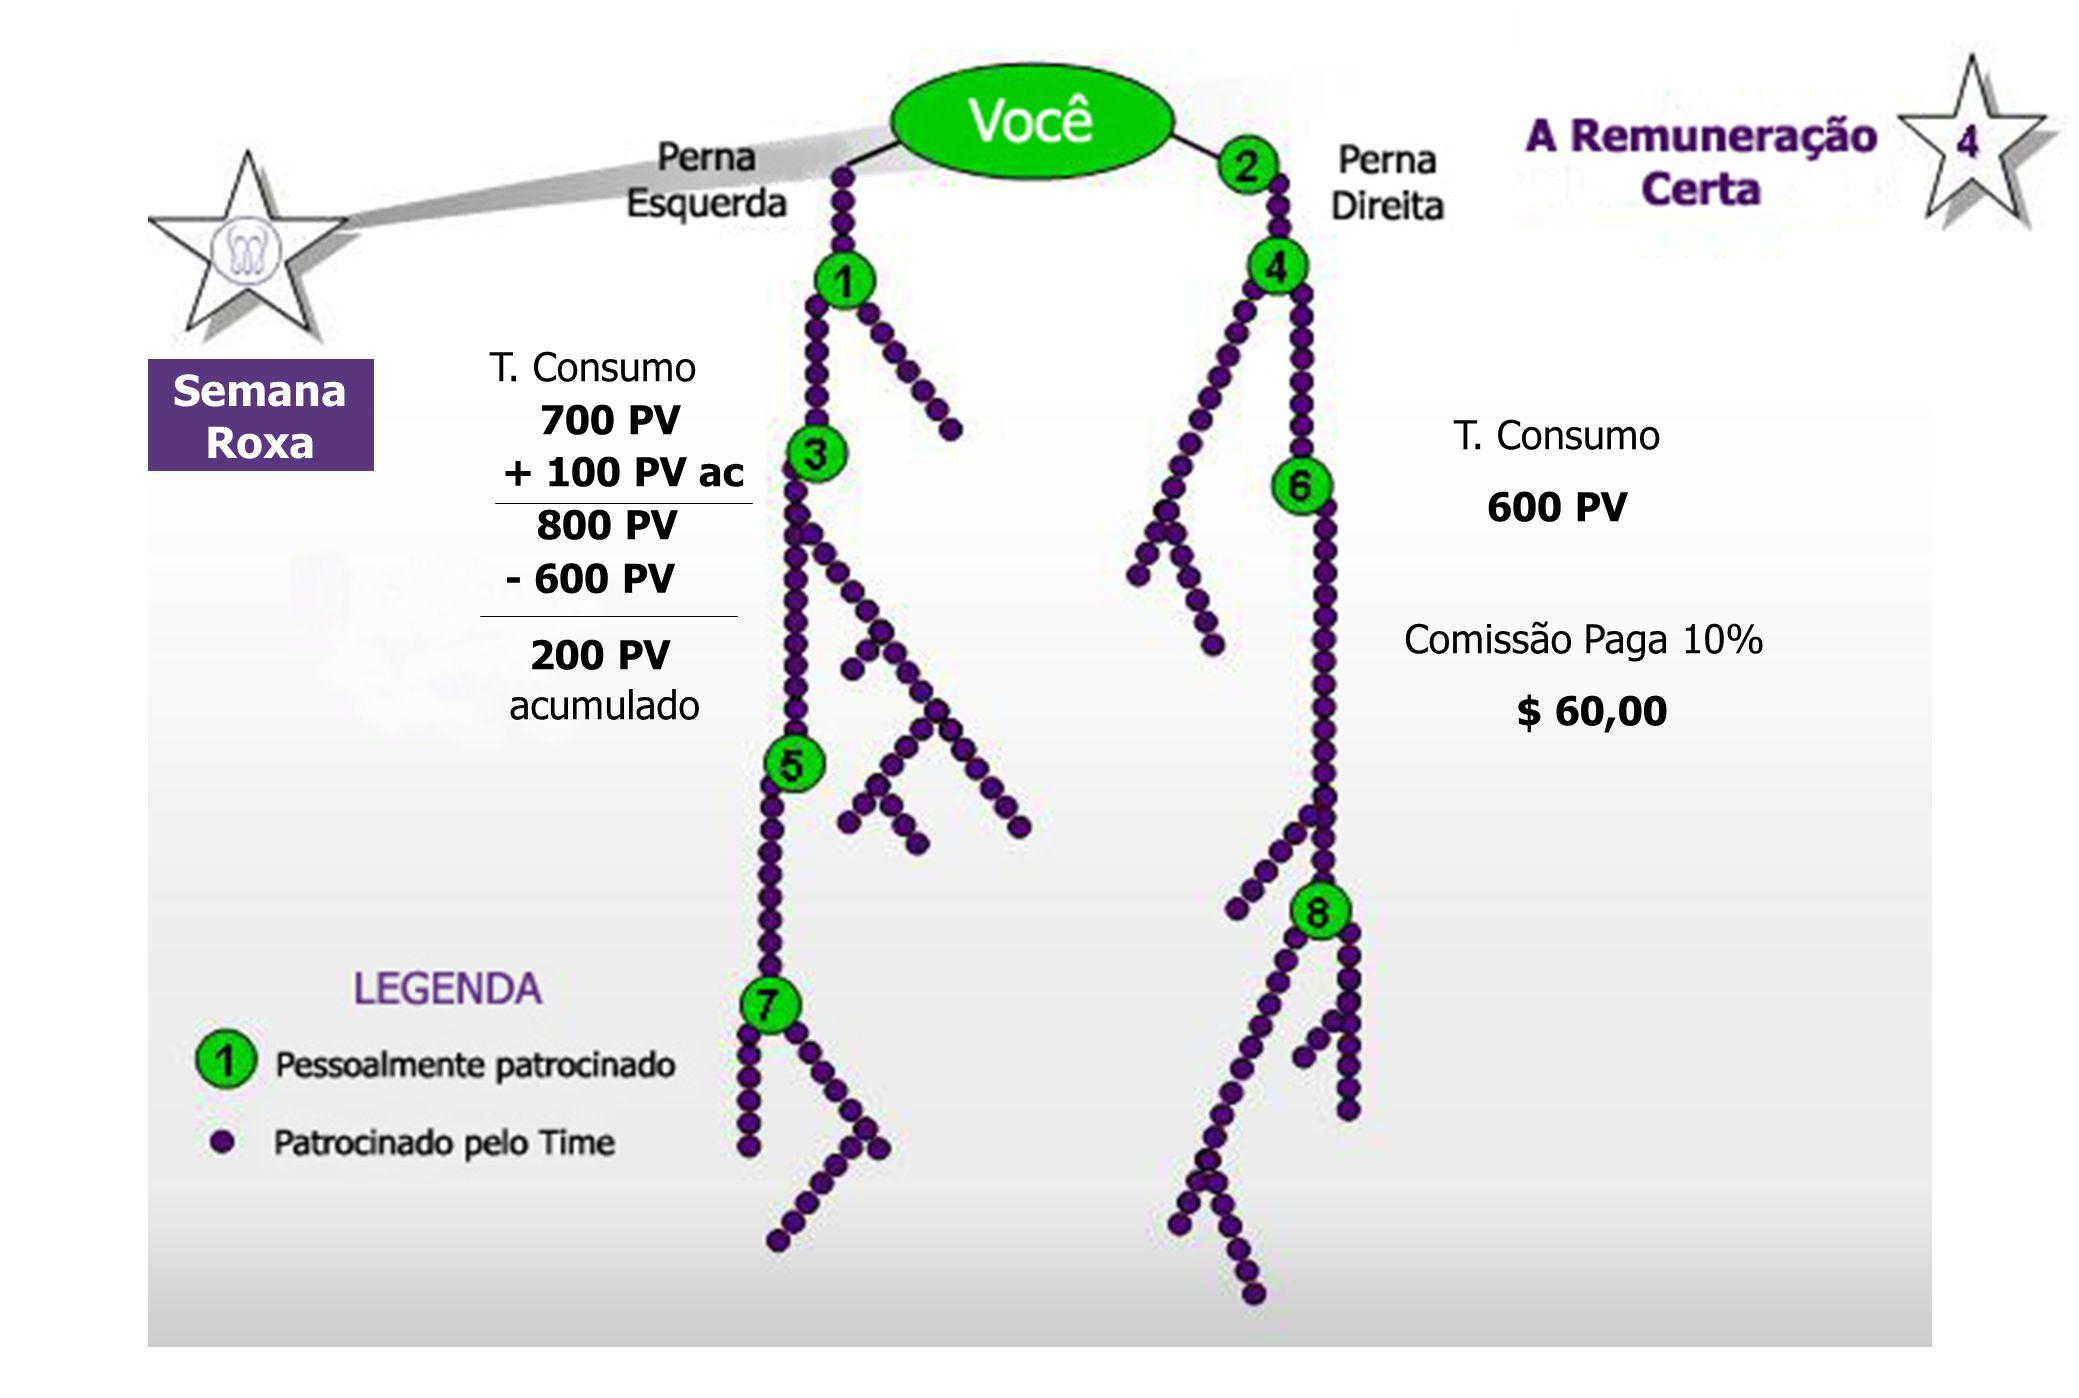 Semana Roxa 200 PV T. Consumo 700 PV + 100 PV ac T. Consumo 800 PV